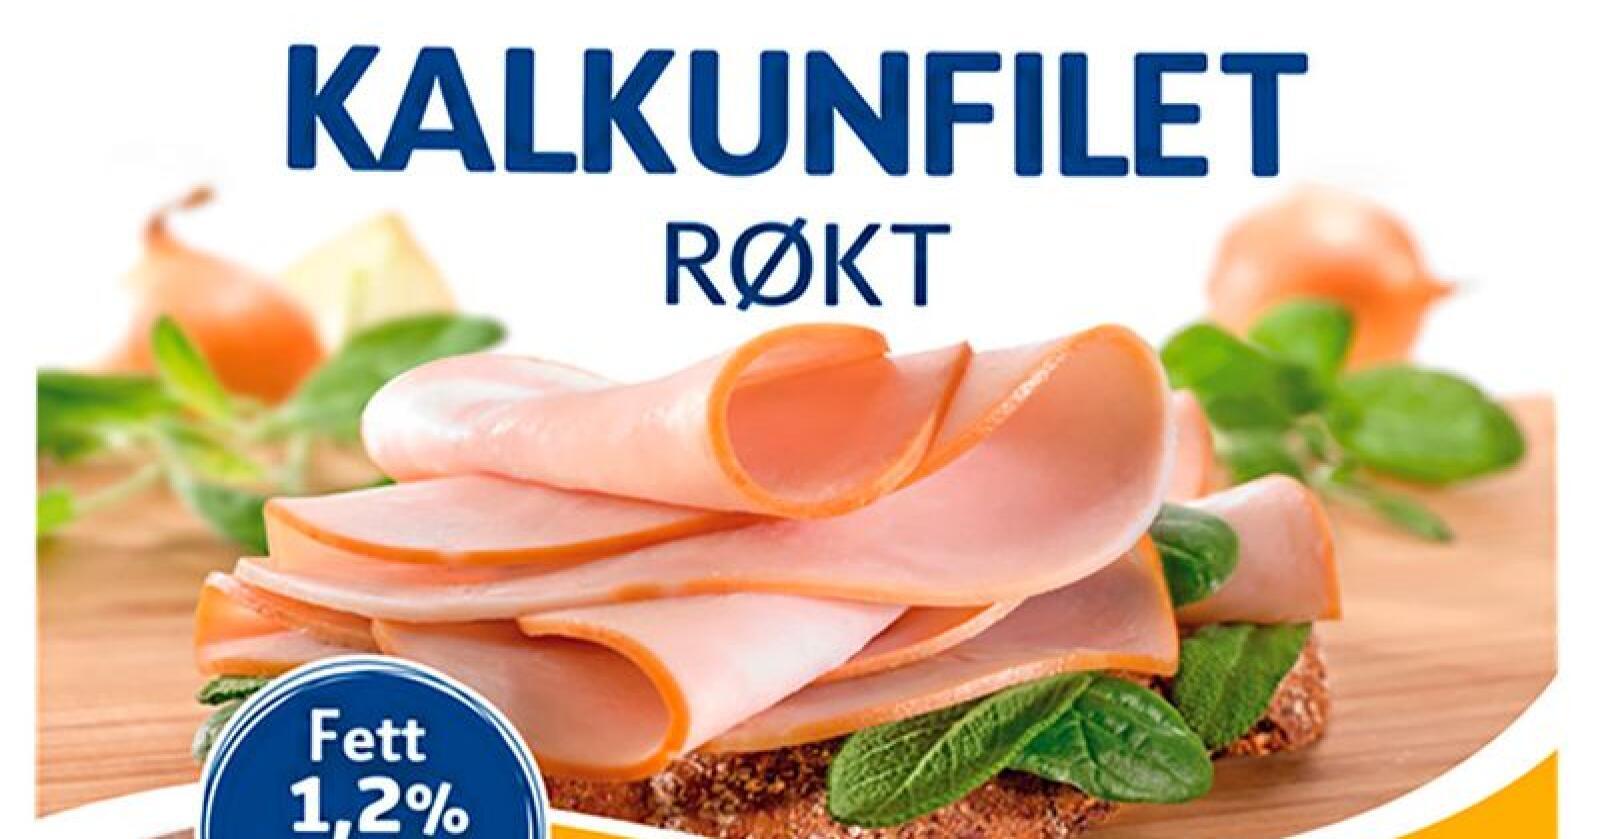 Prior Kalkunfilet Røkt tilbakekalles grunnet allergener Produktet kan inneholde spor av egg. Foto: Nortura / NTB scanpix